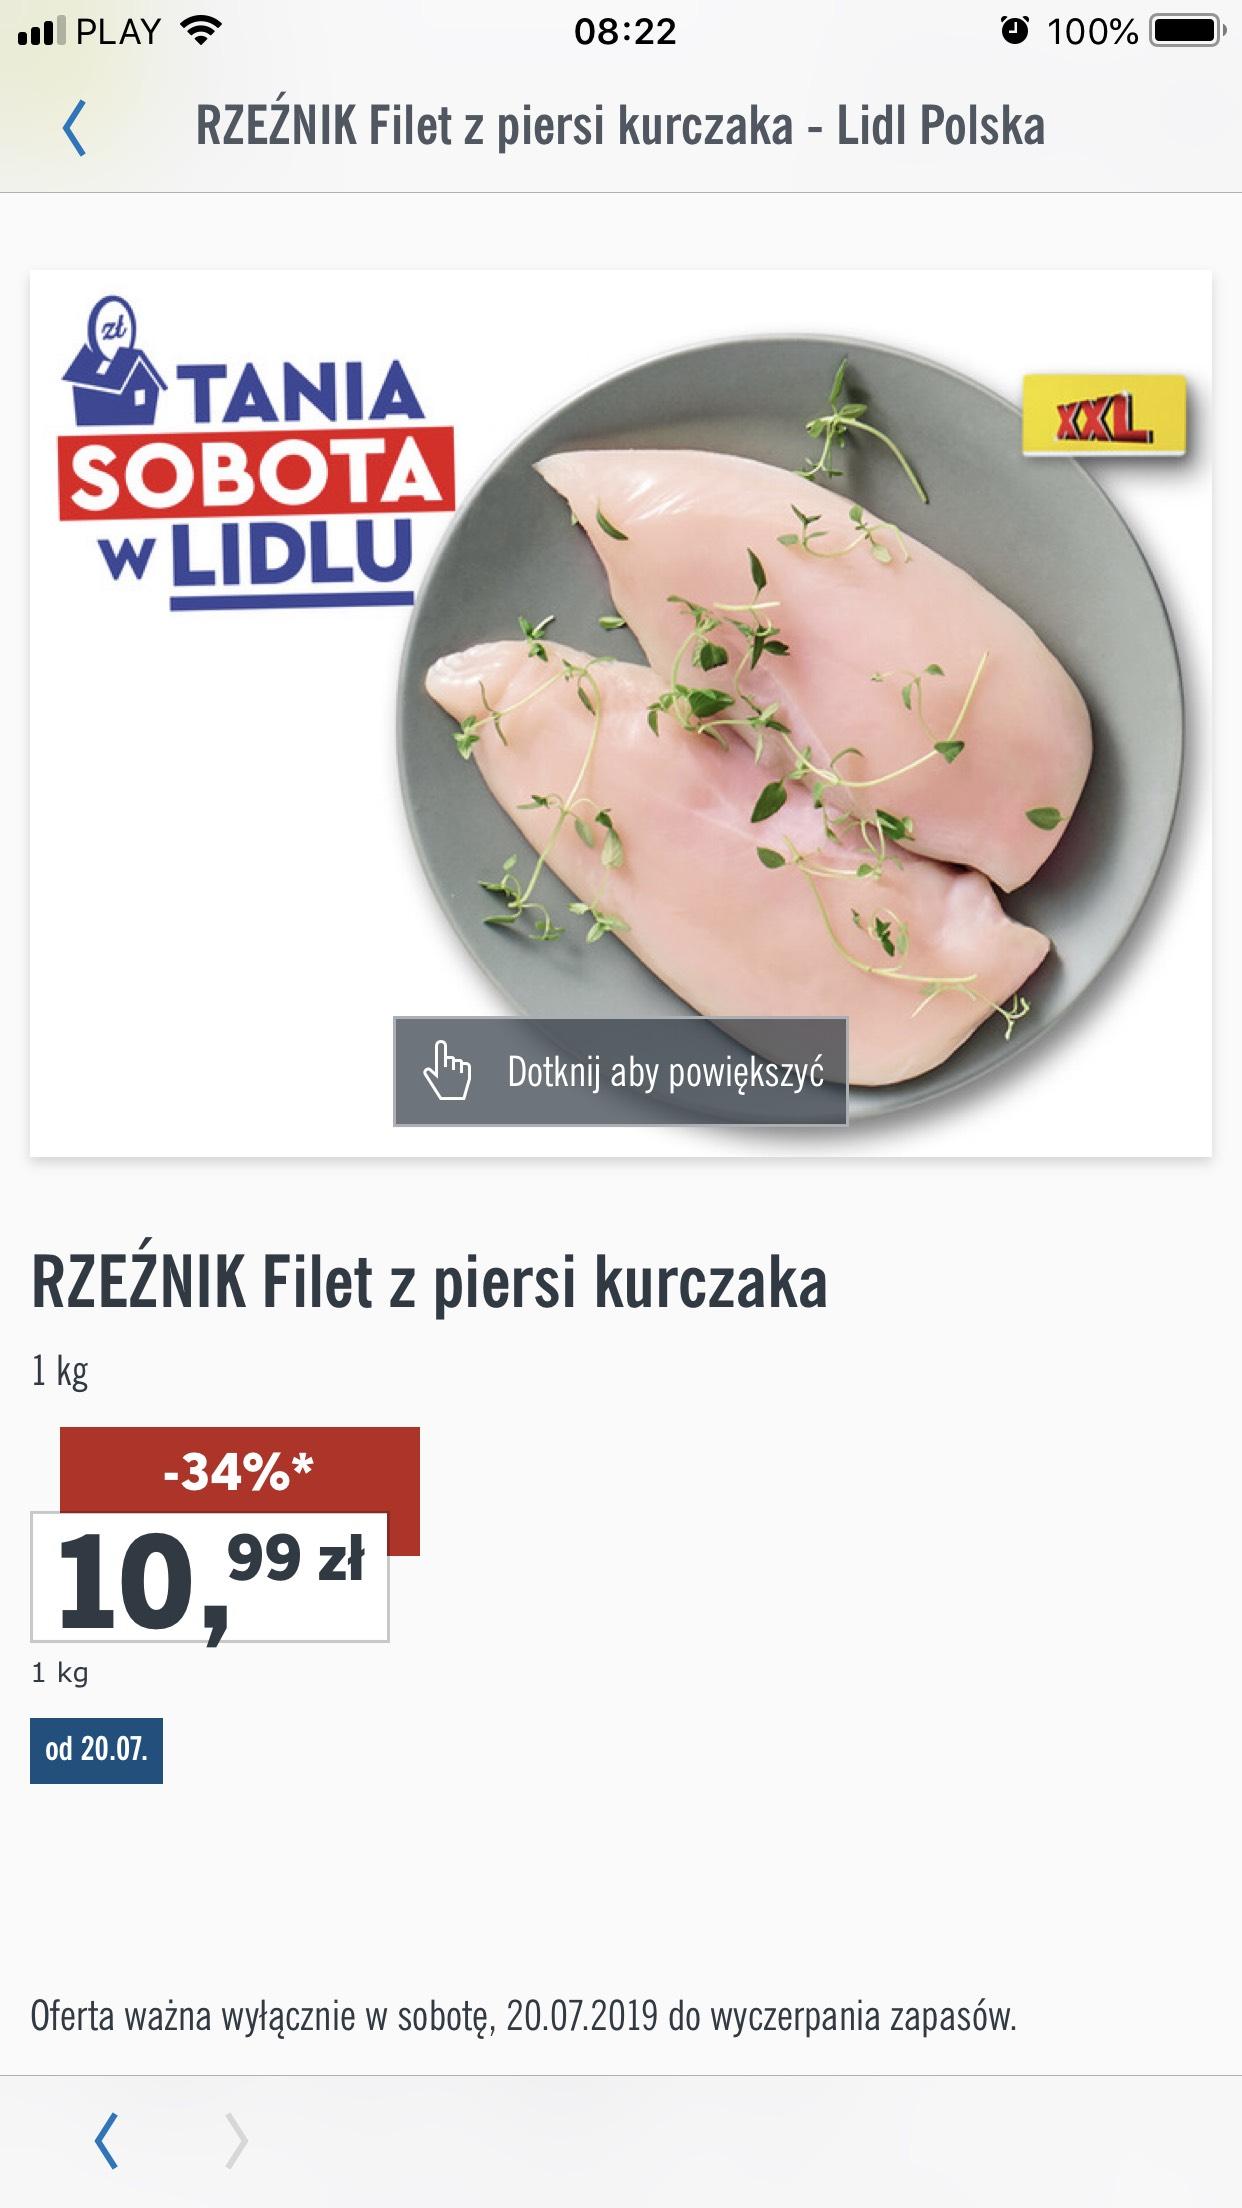 Filet z kurczaka w lidlu 10,99 zł za kg